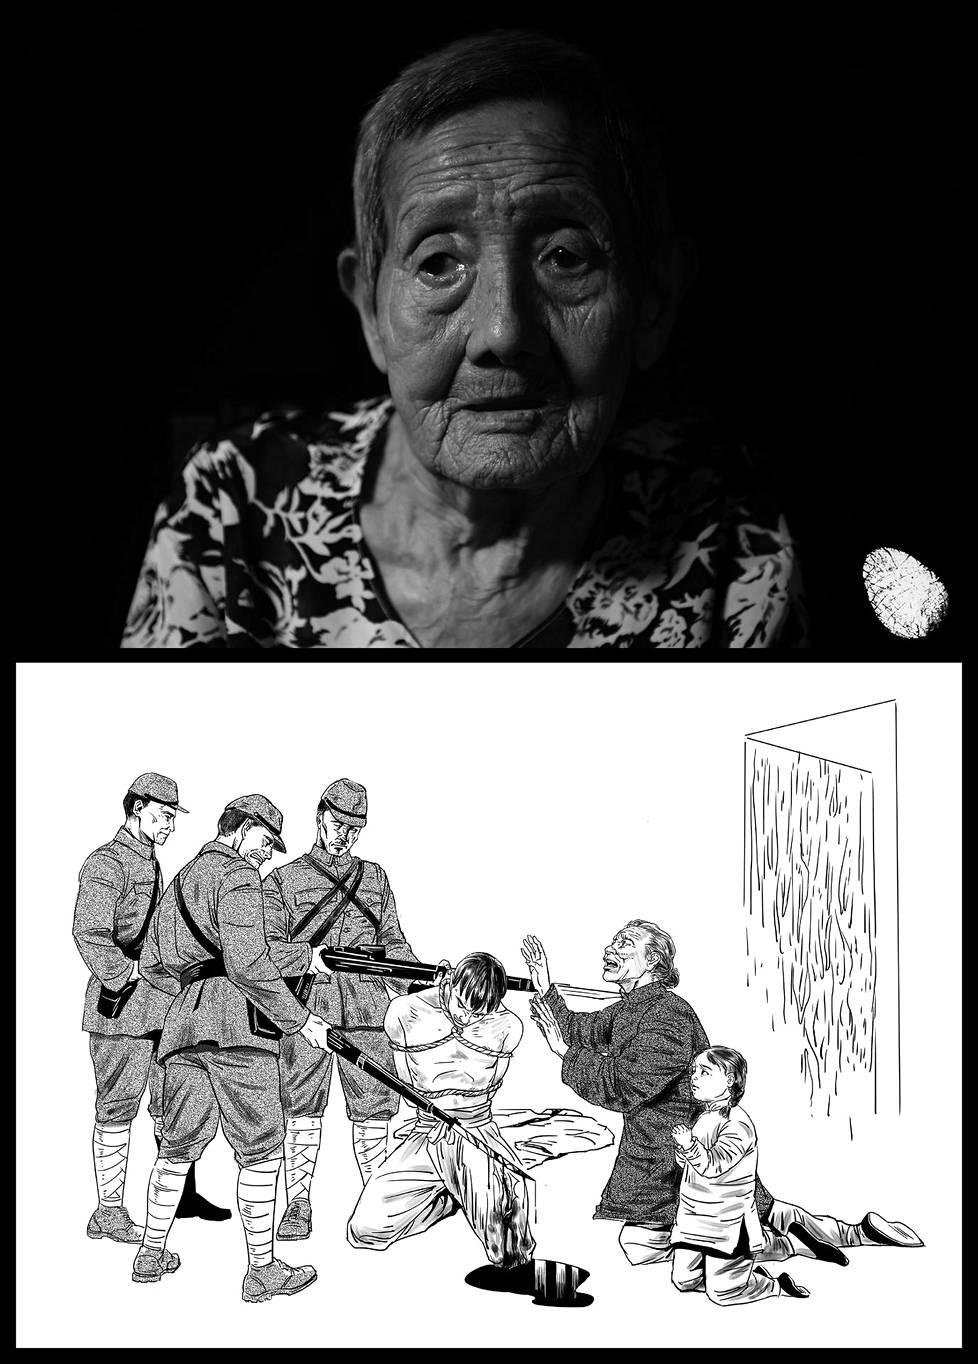 Zhang Lanying painoi kuvansa oikeaan alareunaan sormenjälkensä. Nanjingin miehityksen ensimmäisenä päivänä kolme japanilaista sotilasta tunkeutui Zhangin kotiin. He sitoivat vanhemman veljen Zhang Huaizhin ja iskivät pistimellä tätä reiteen. Juuri 8 vuotta täyttänyt Zhang vajosi äitinsä kanssa polvilleen anoen surkeina armoa. Isoveljen elämä säästyi.